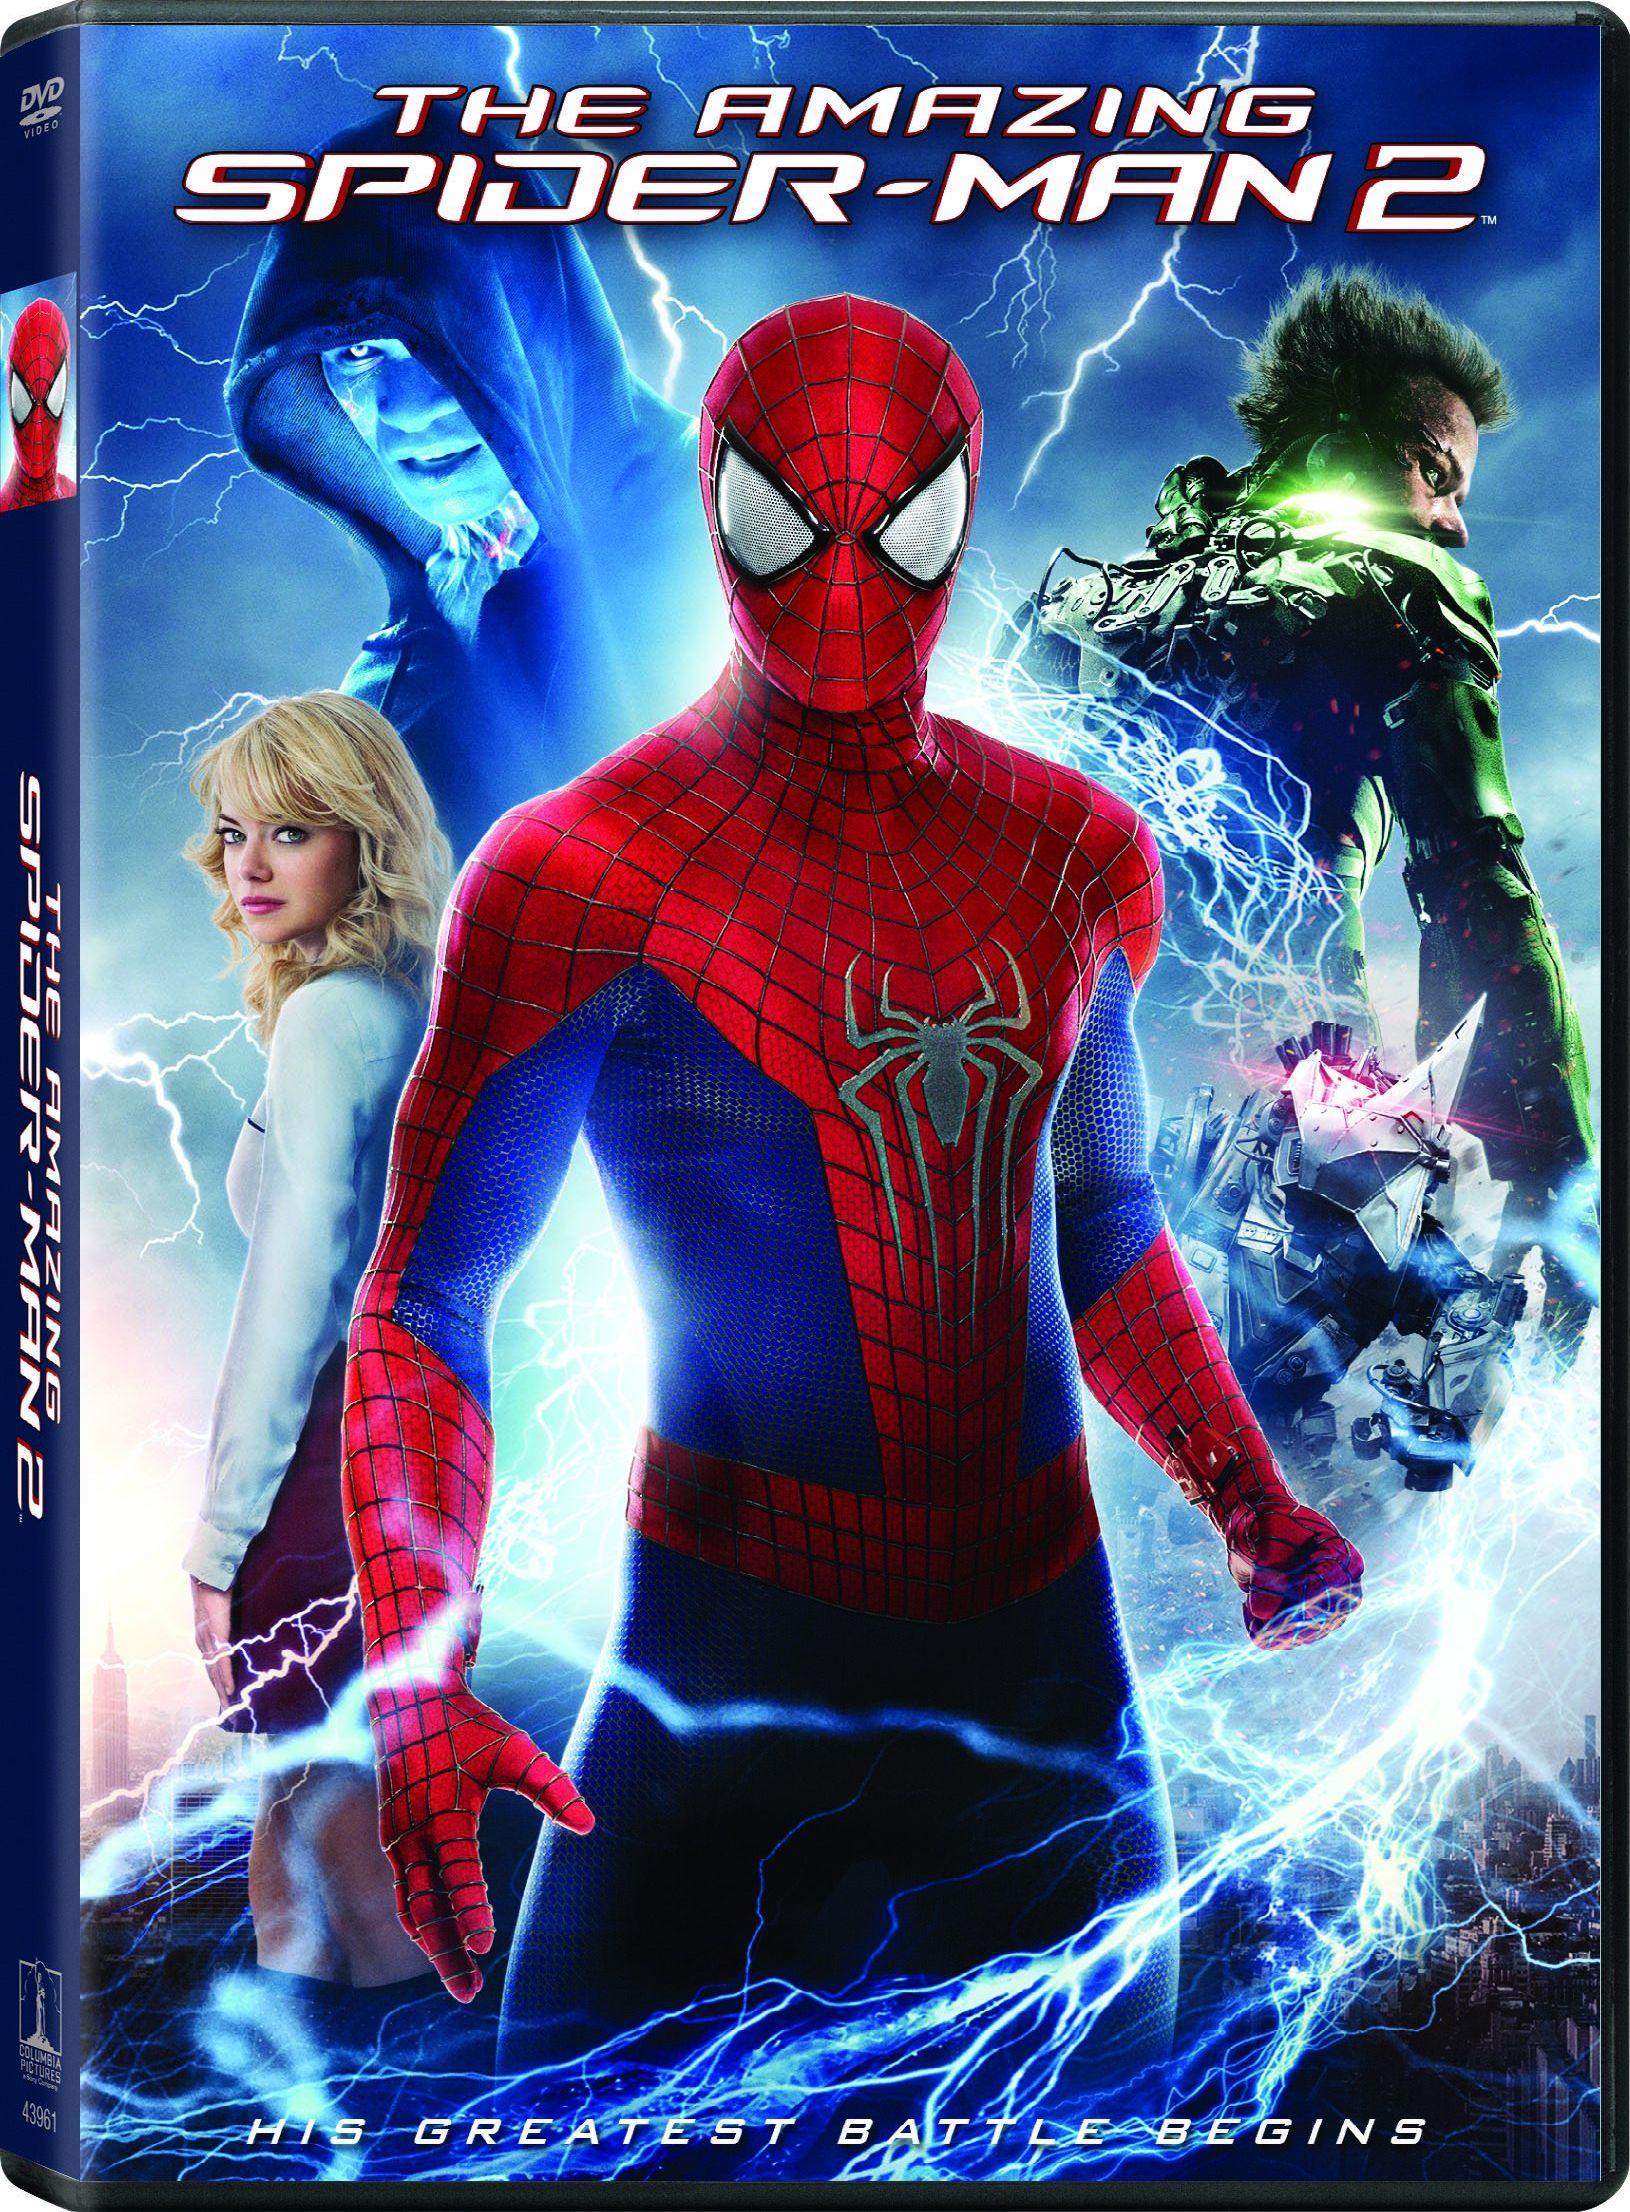 the amazing spider-man 2 | transcripts wiki | fandom poweredwikia